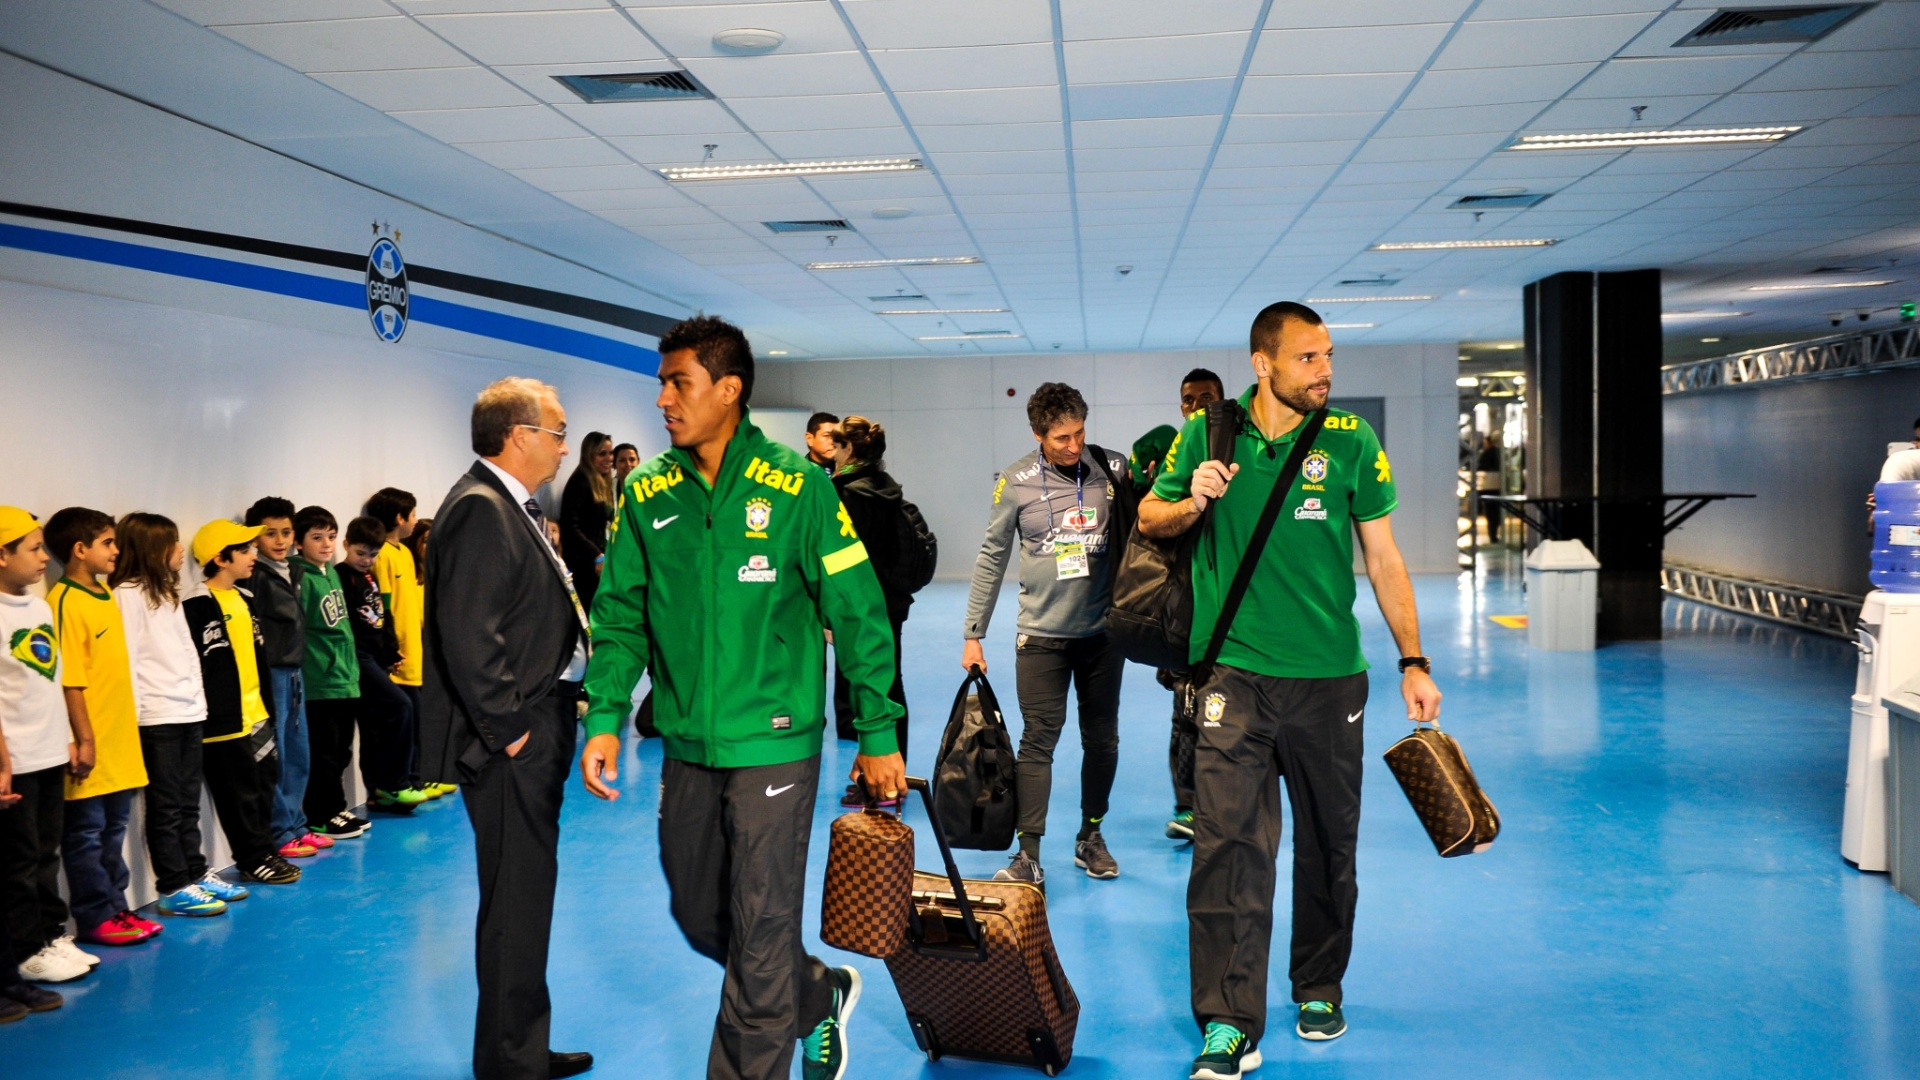 Paulinho e Diego Cavalieri com suas bolsas Louis Vuitton